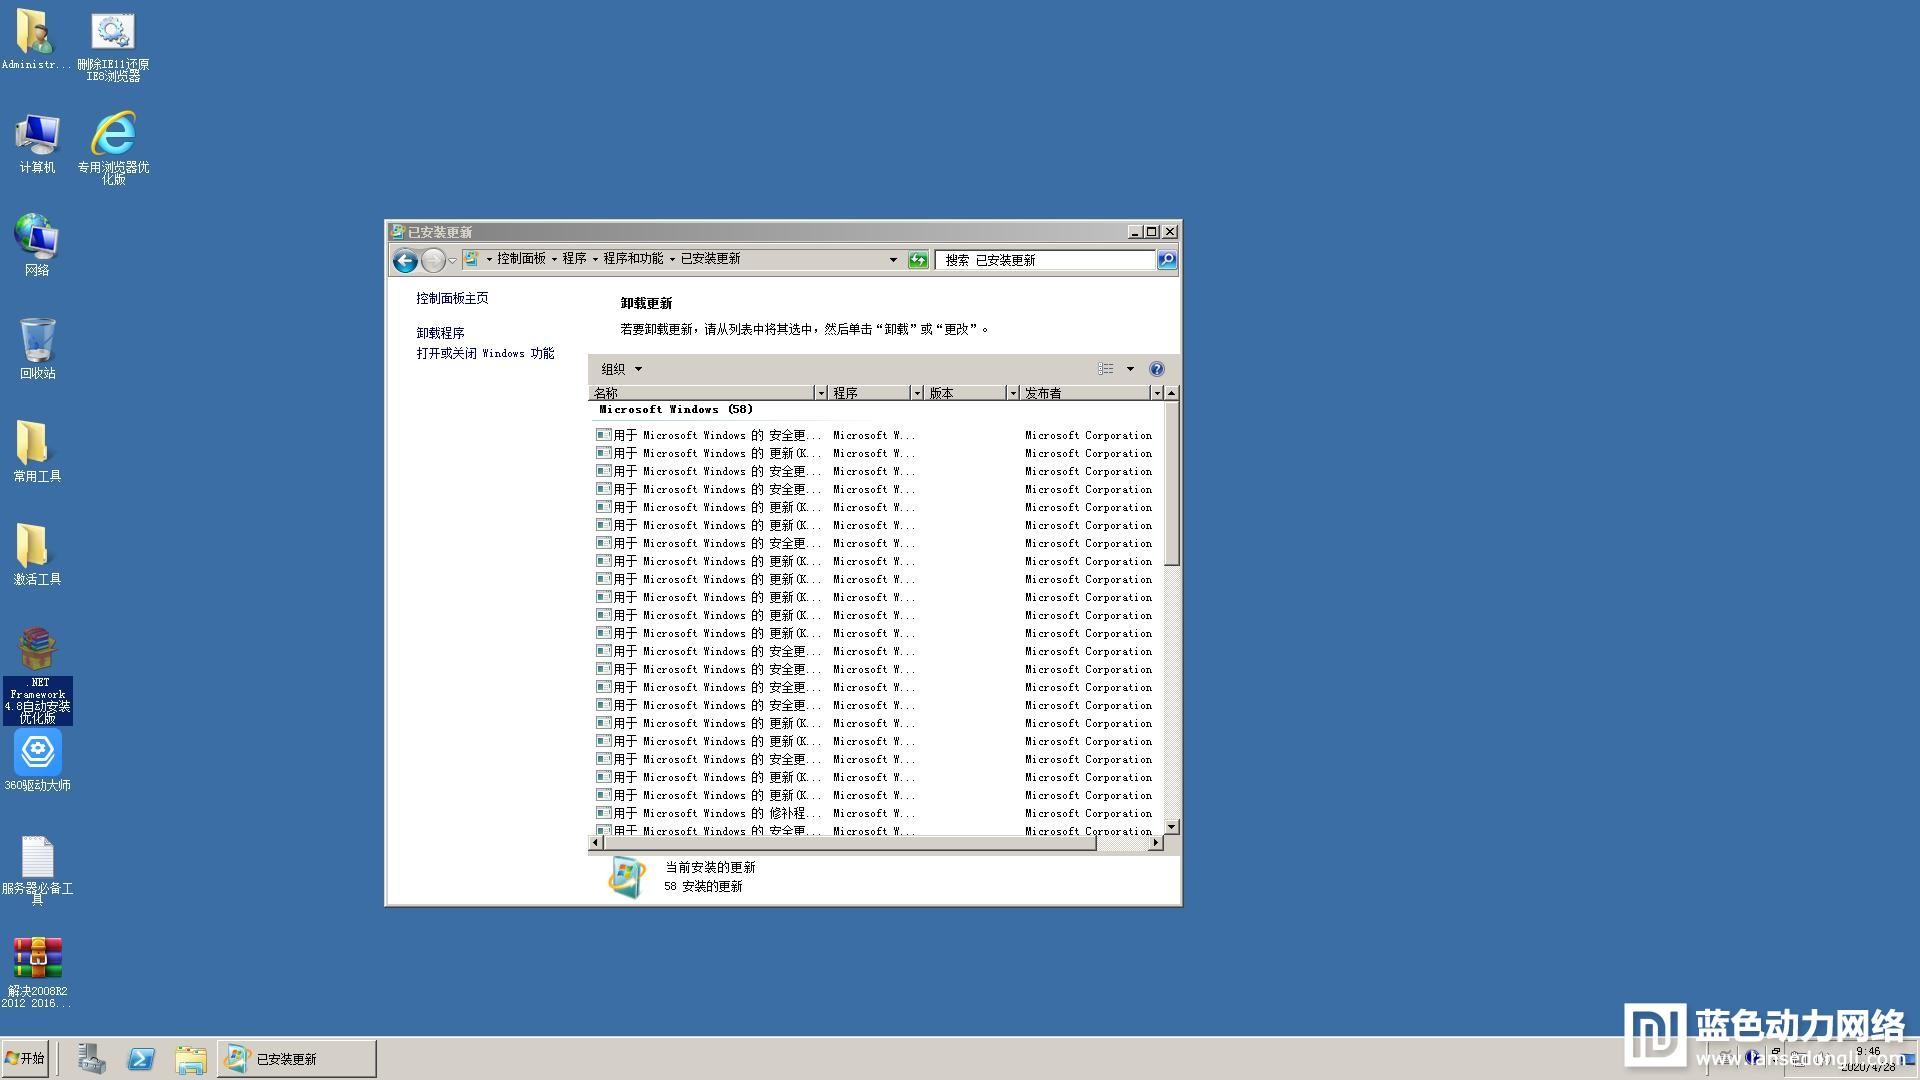 绿茶win2008R2-64位数据中心网吧专用服务器版支持AHCI-RAID-2020-04-28